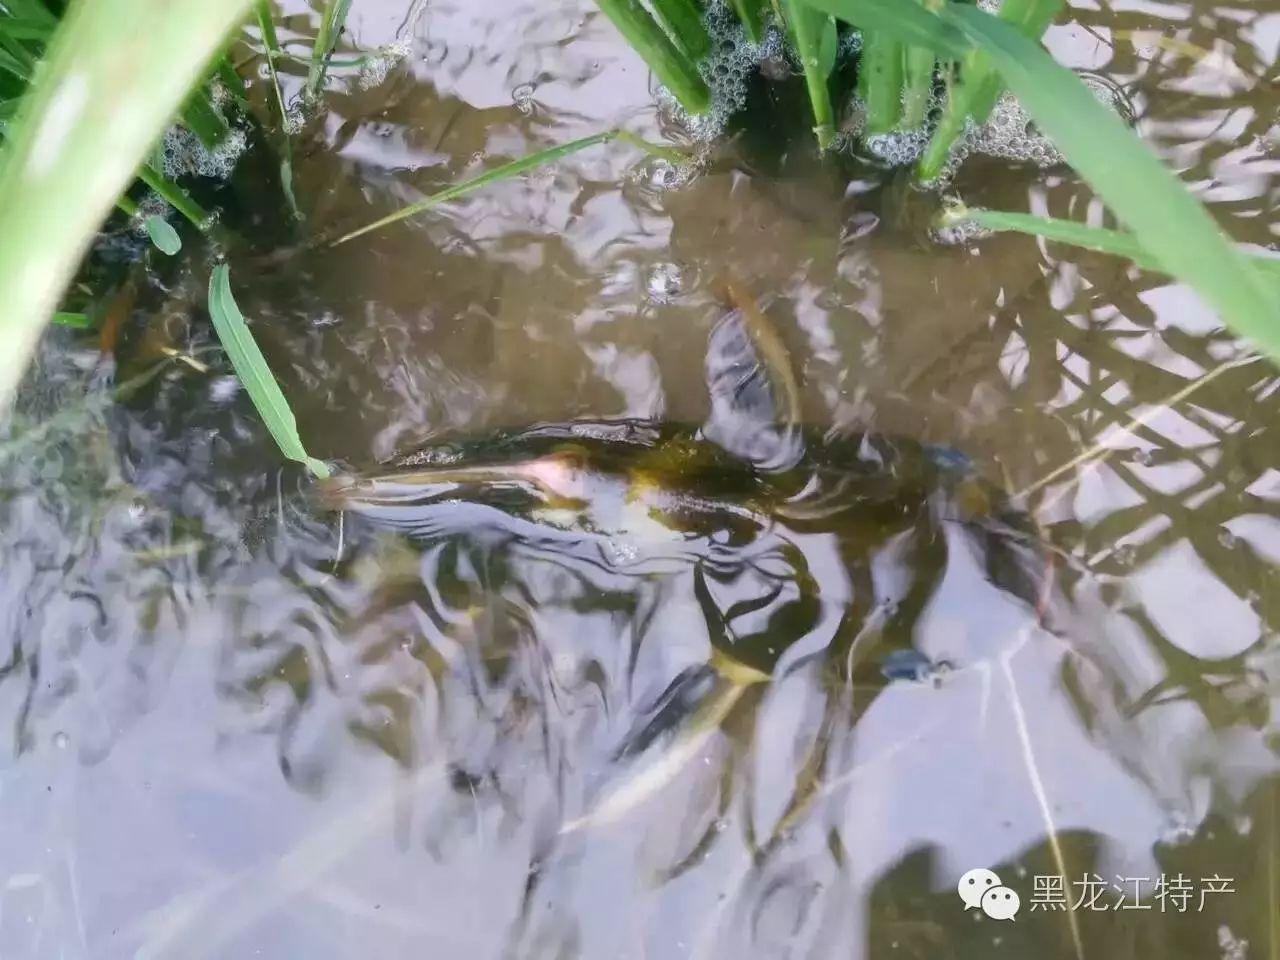 小青蛙小鸭子小鱼儿们全都跑到稻田里玩耍啦